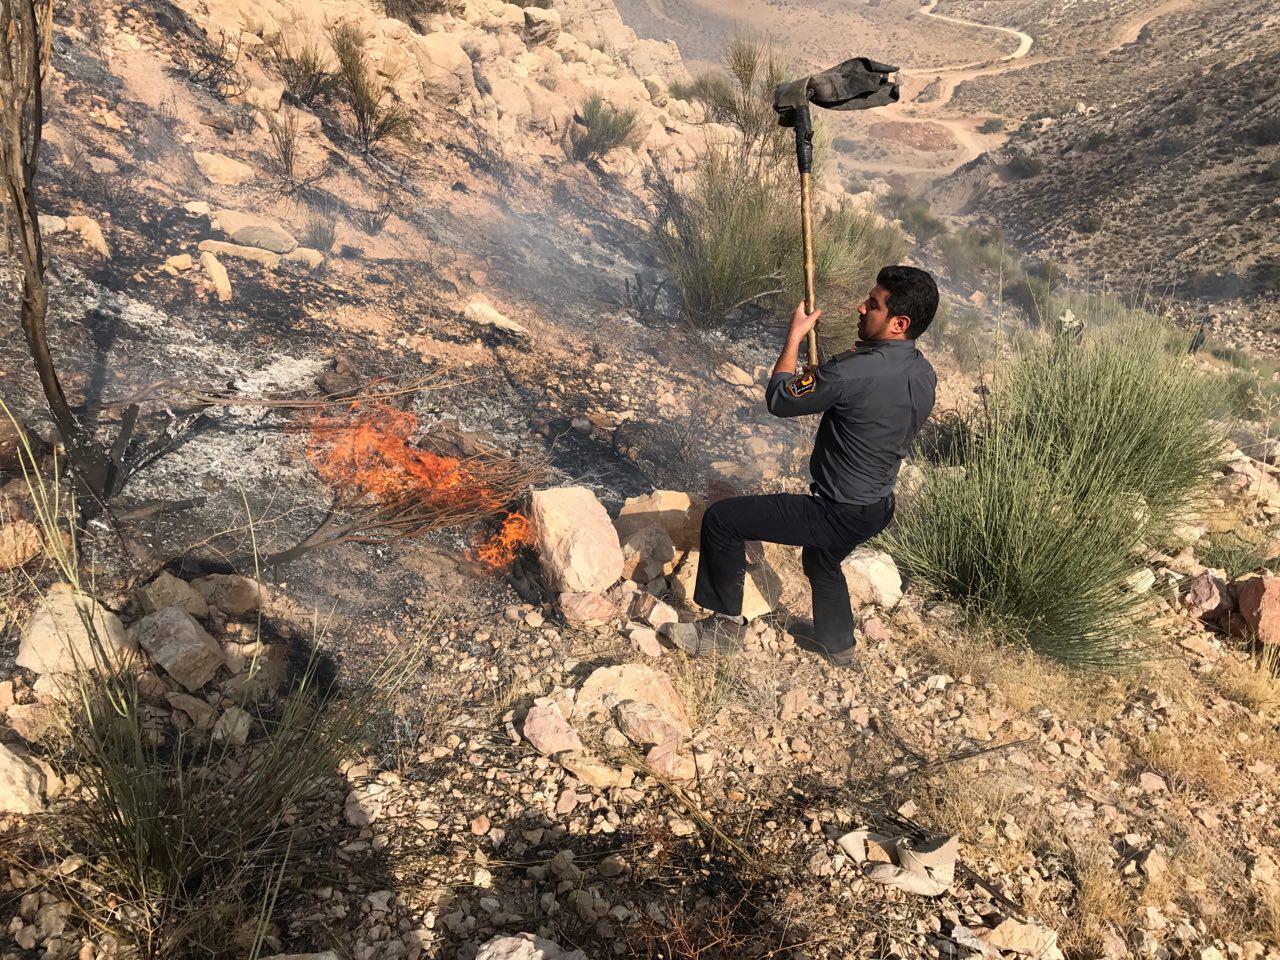 تردید در خصوص «کاهش ۲۰۰ درصدی» آتش سوزی منابع طبیعی فارس